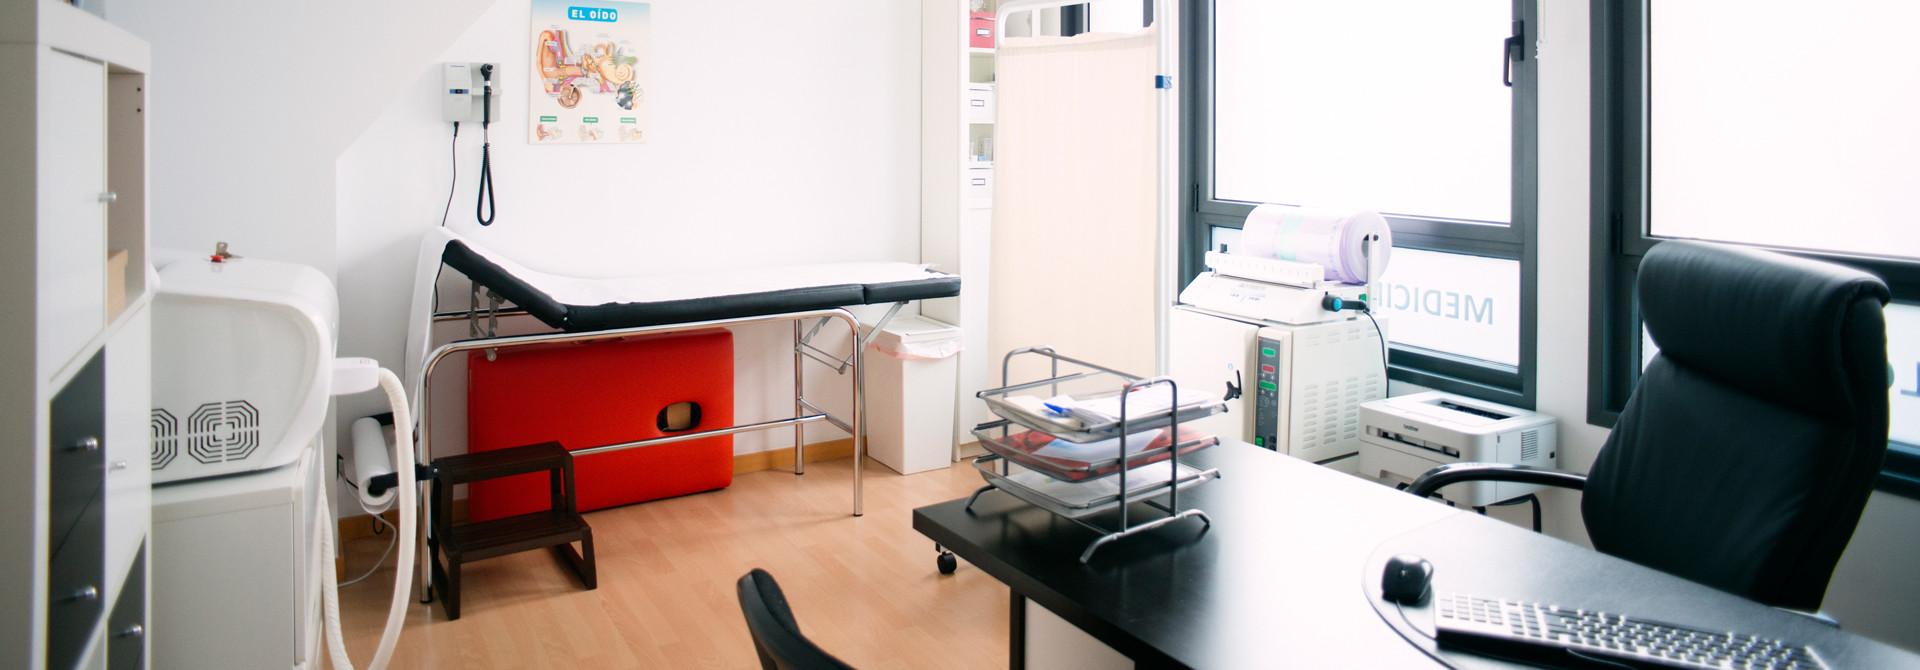 Ecomedic Oviedo - Láser médico